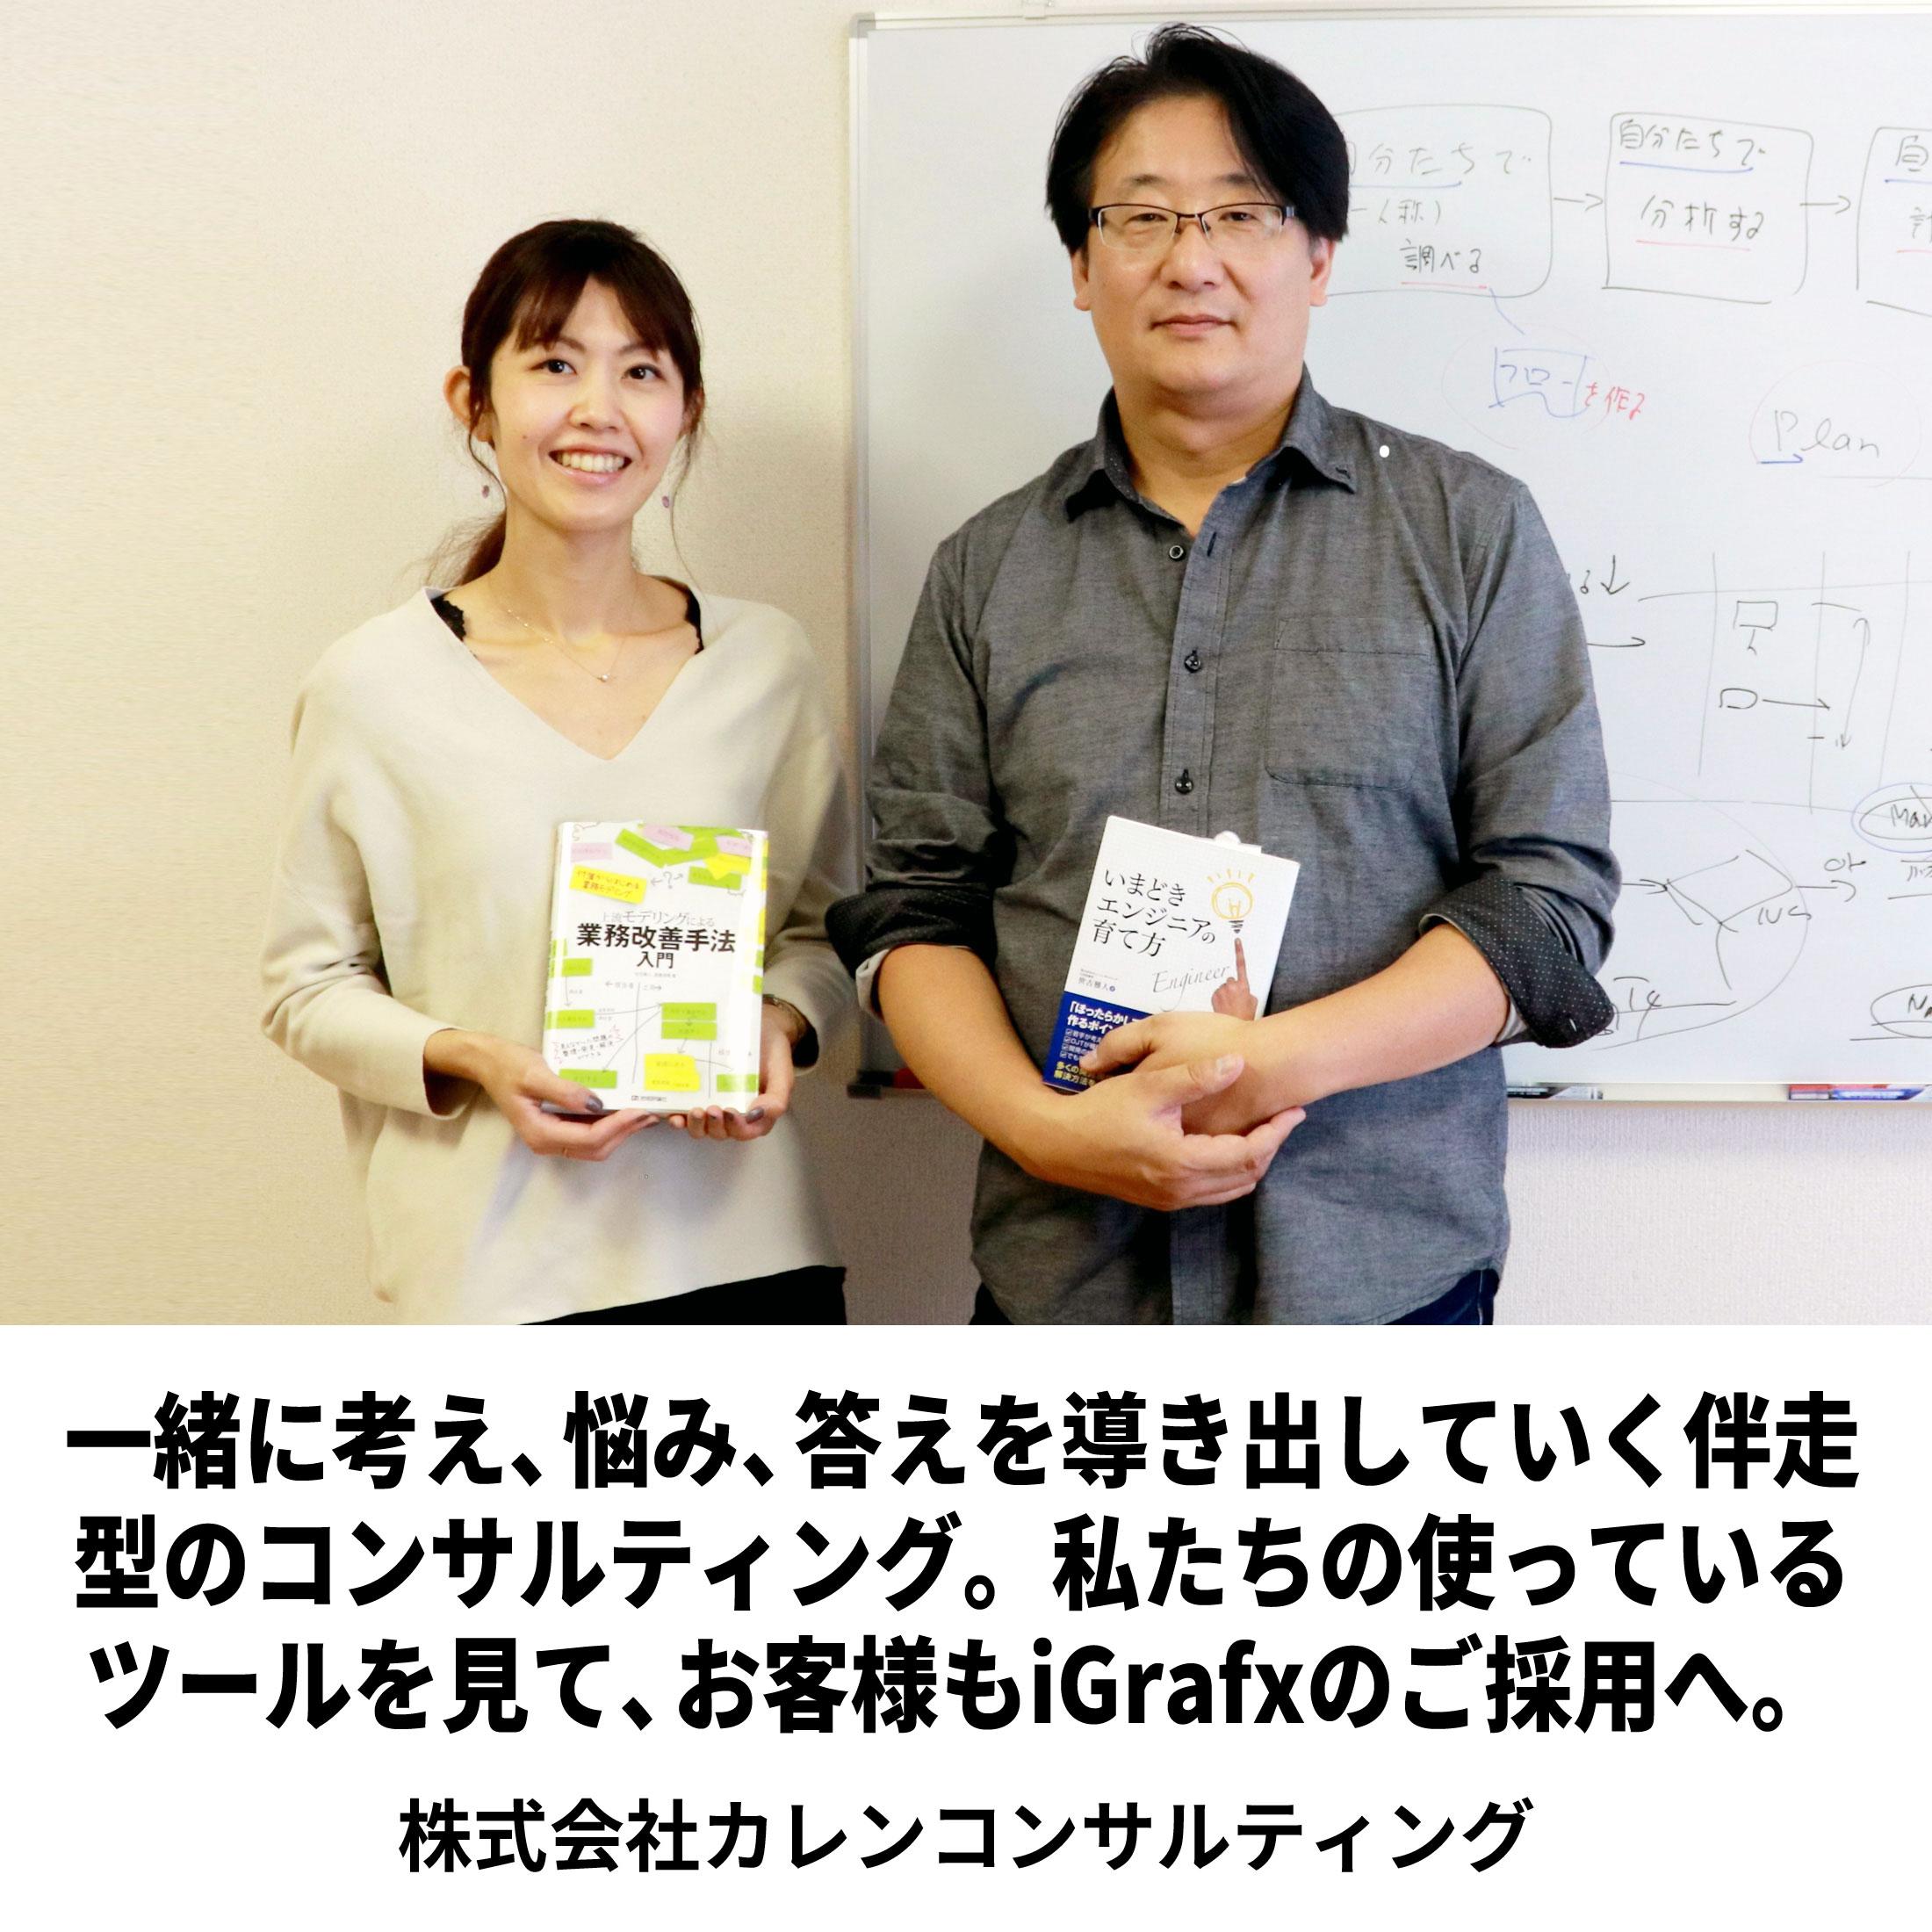 【事例ナビ】コンサルで活用する業務可視化ツールiGrafx-カレンコンサルティング様